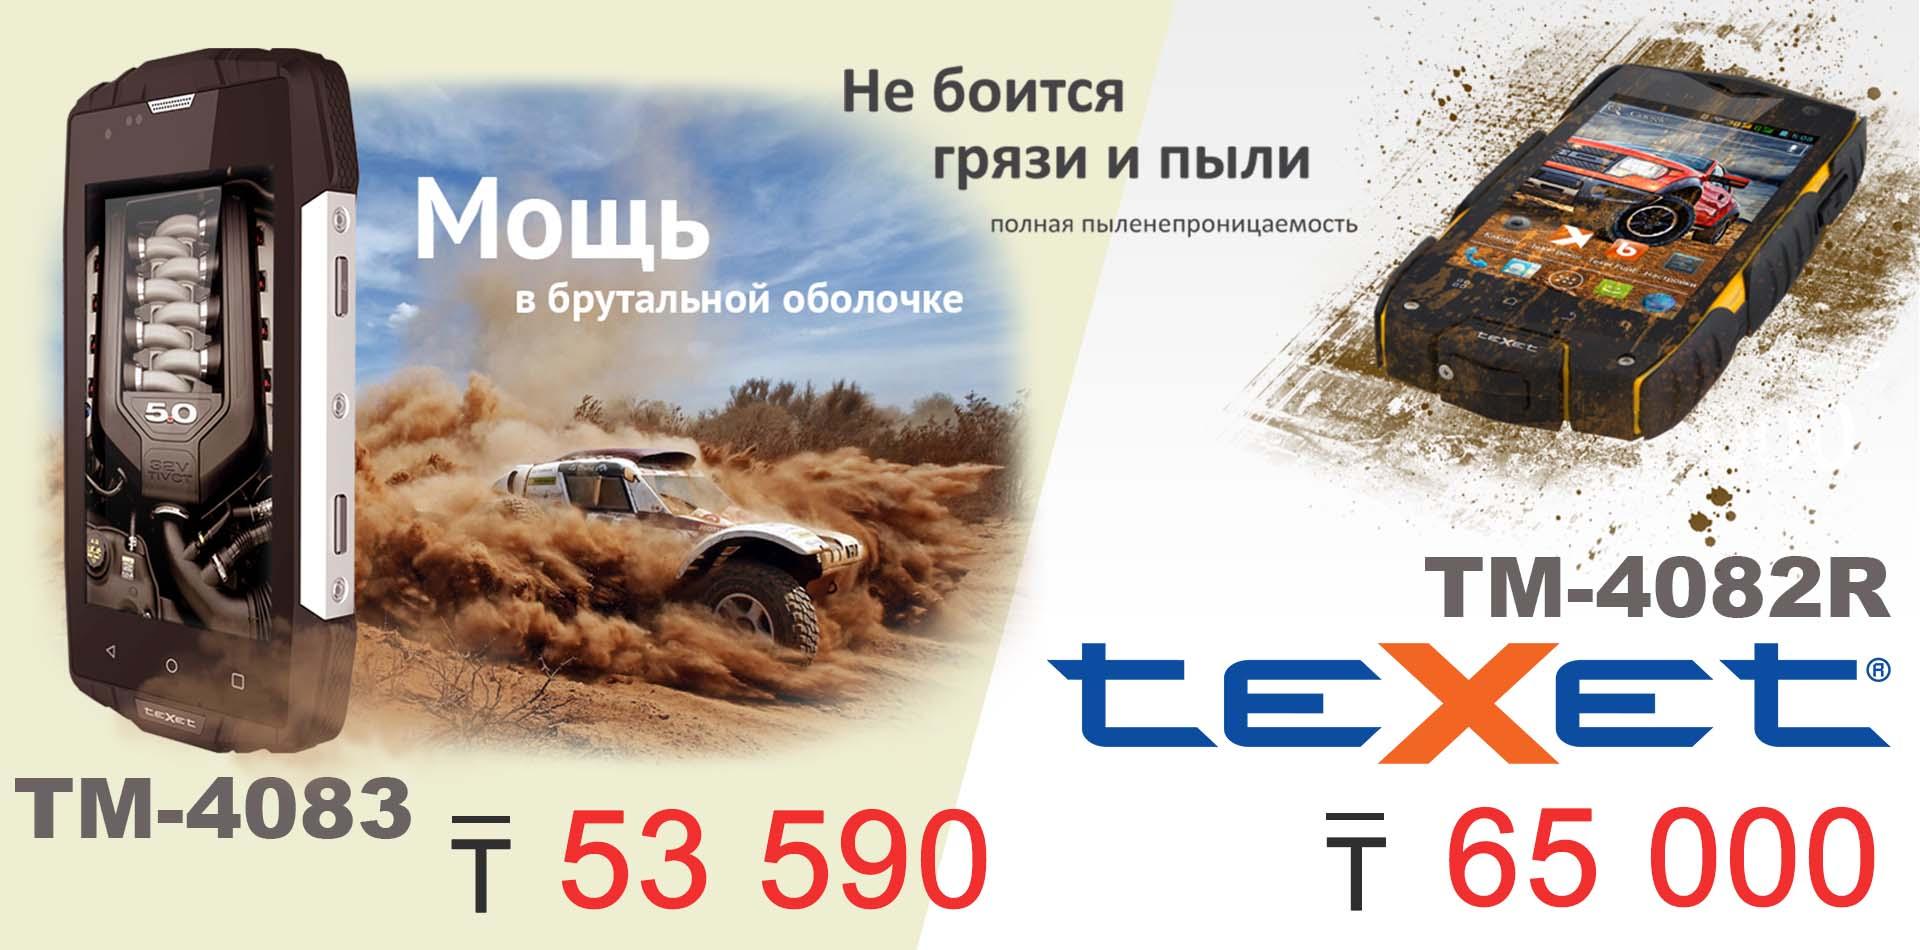 СМАРТФОН TEXET TM-4082